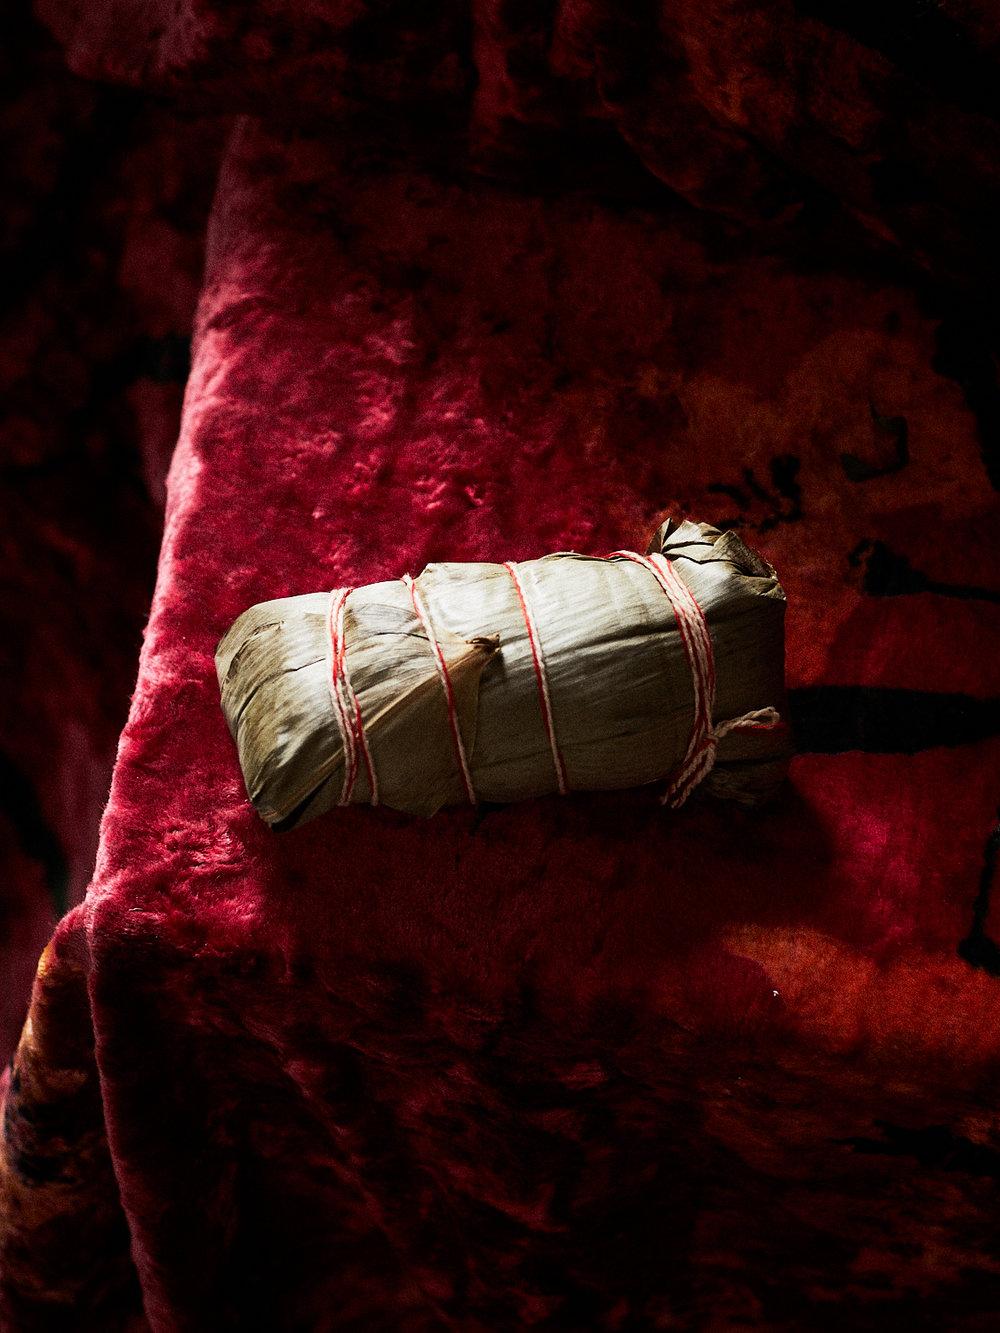 061717_Scns_Mood-_Bedroom-201.jpg